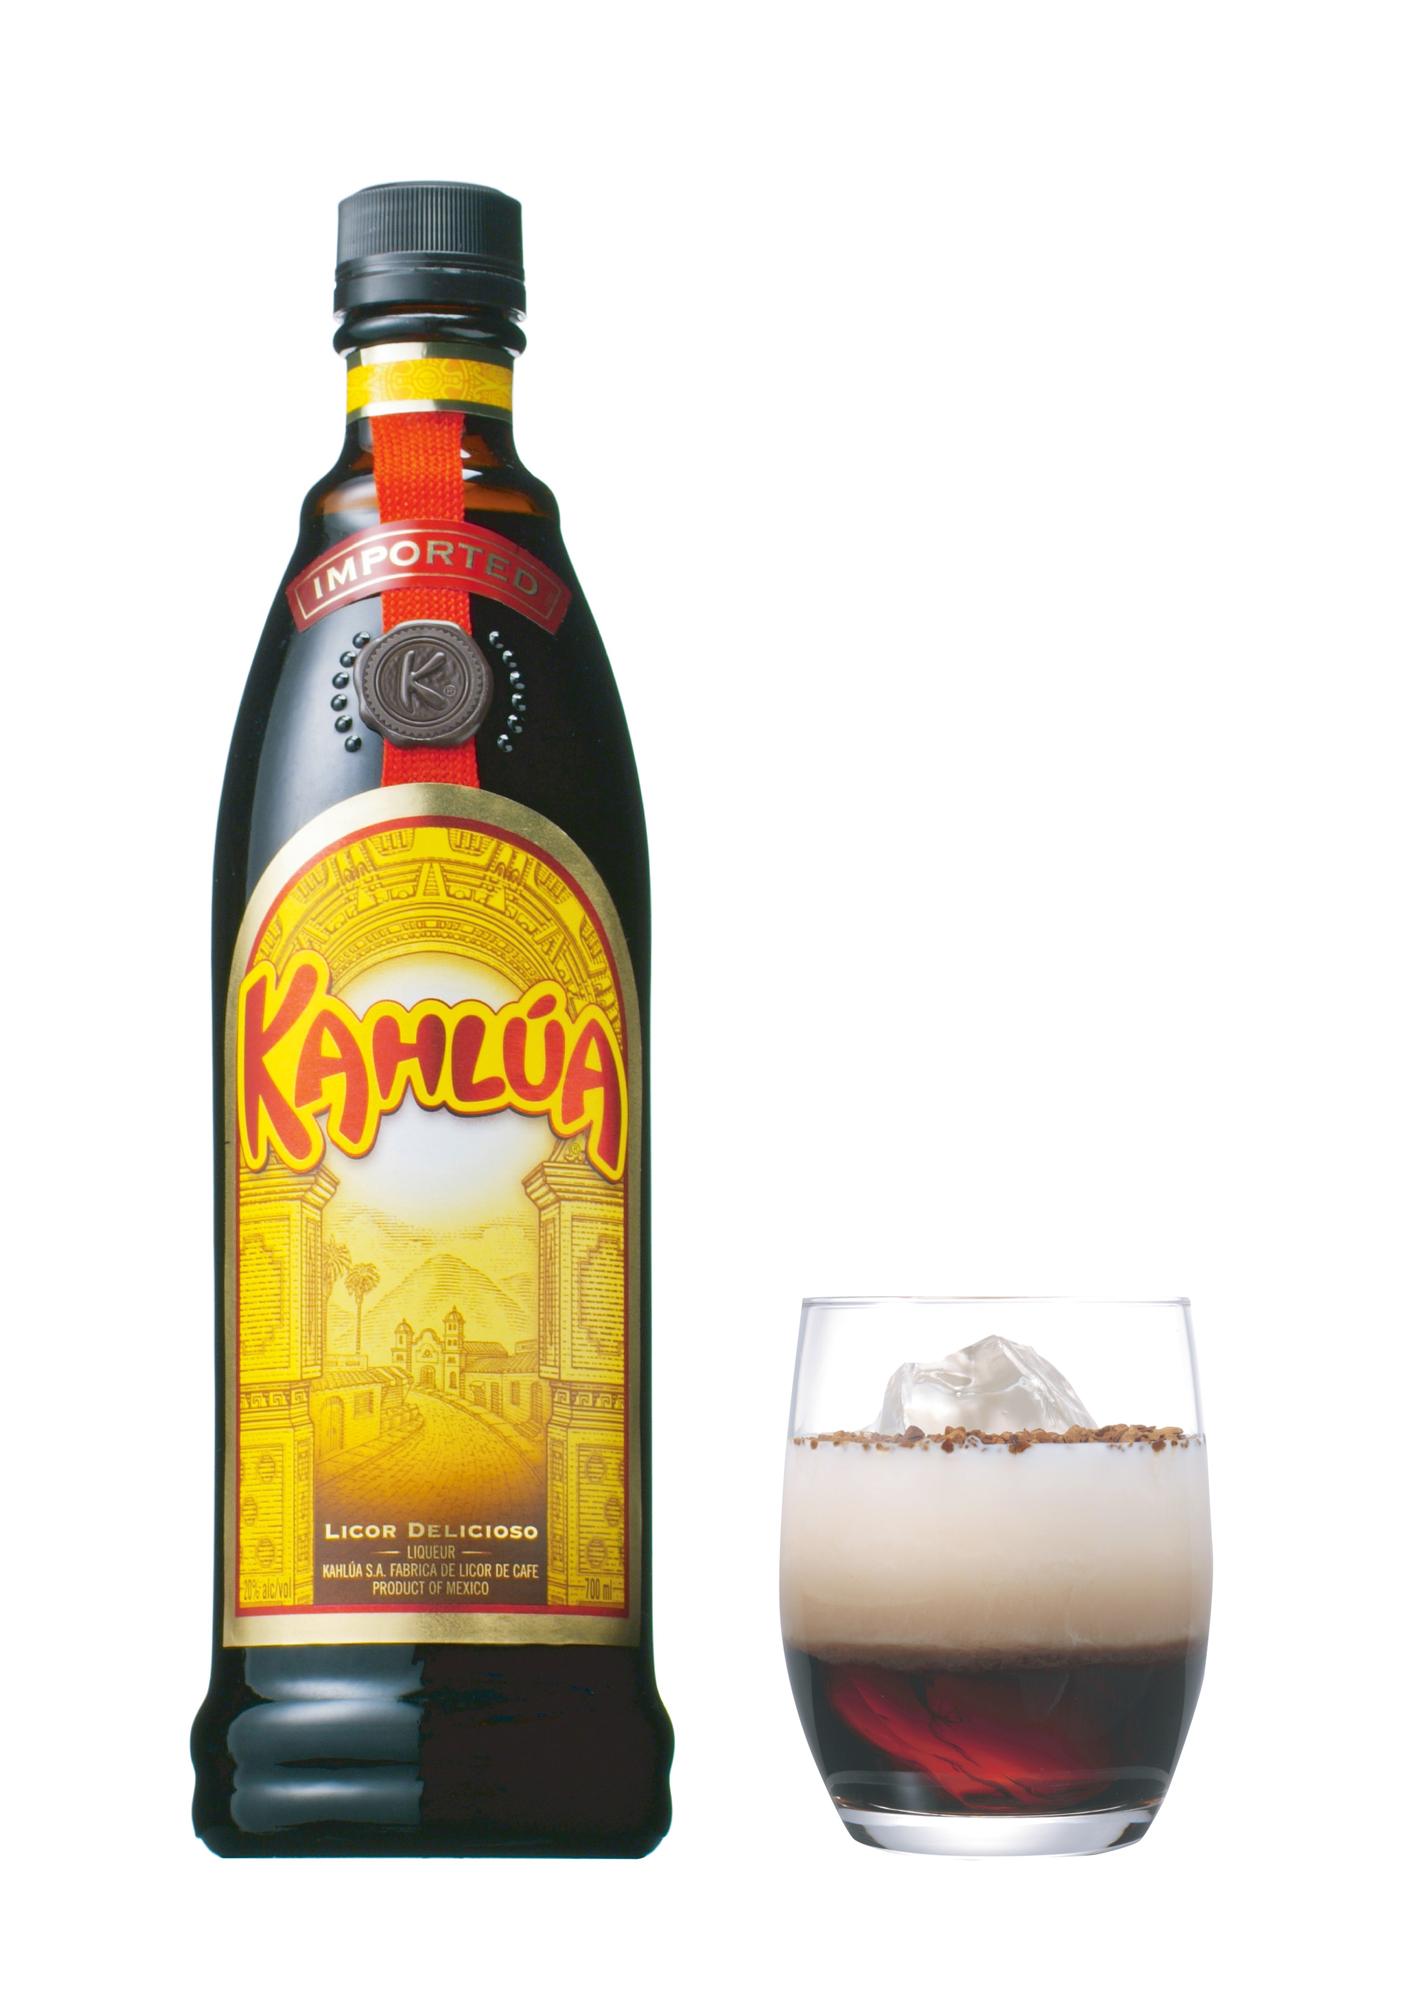 甘くておいしいカルーアミルク!でもアルコール度数は知ってる?のサムネイル画像